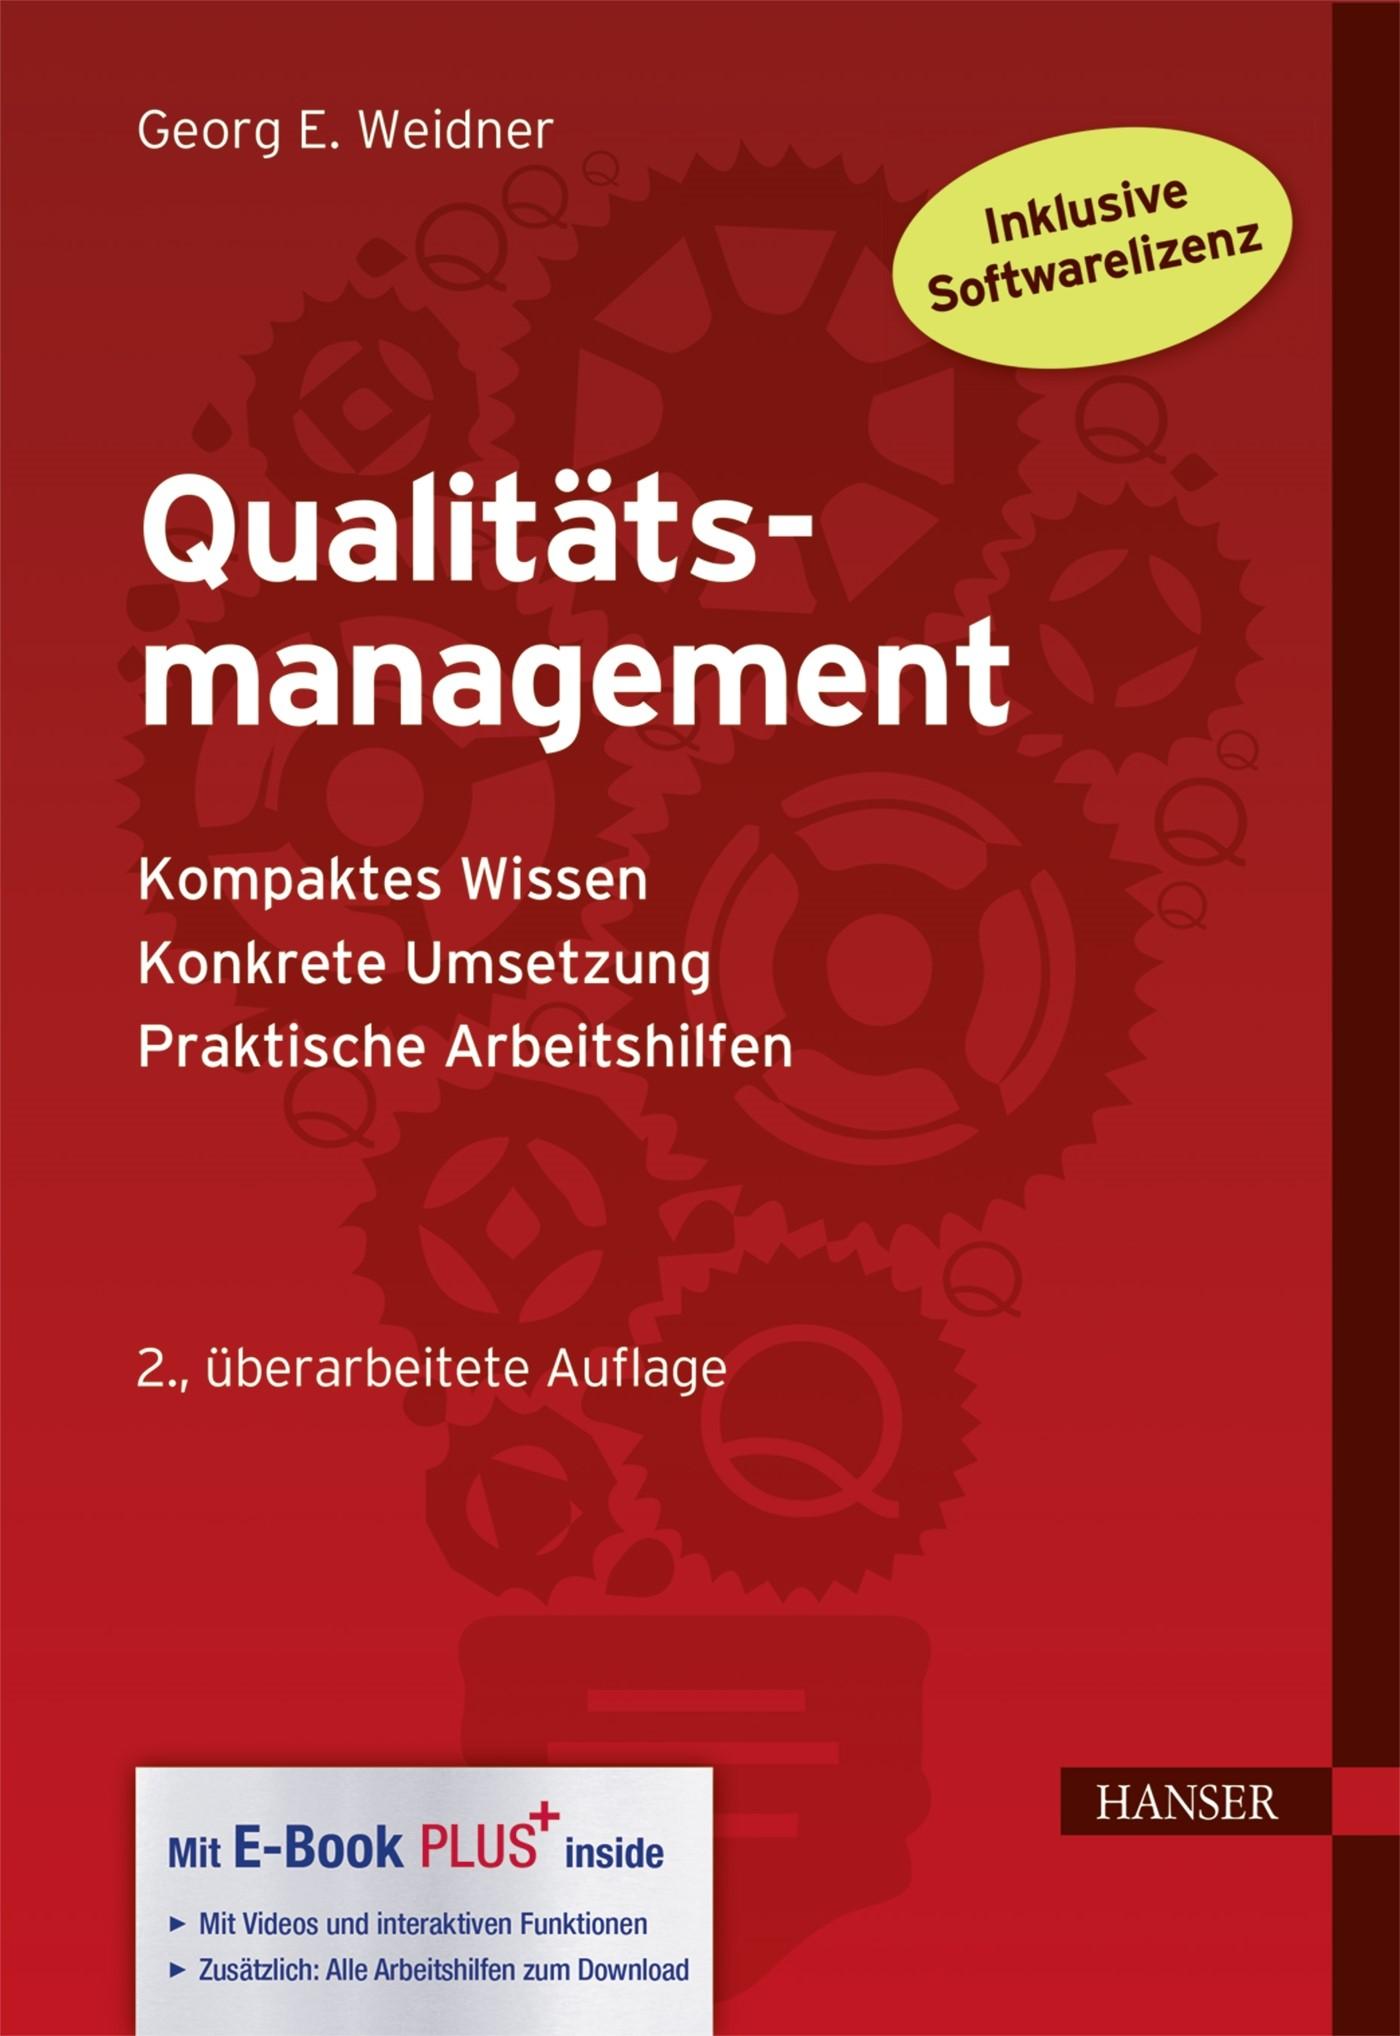 Qualitätsmanagement | Weidner | 2. Auflage, 2017 (Cover)